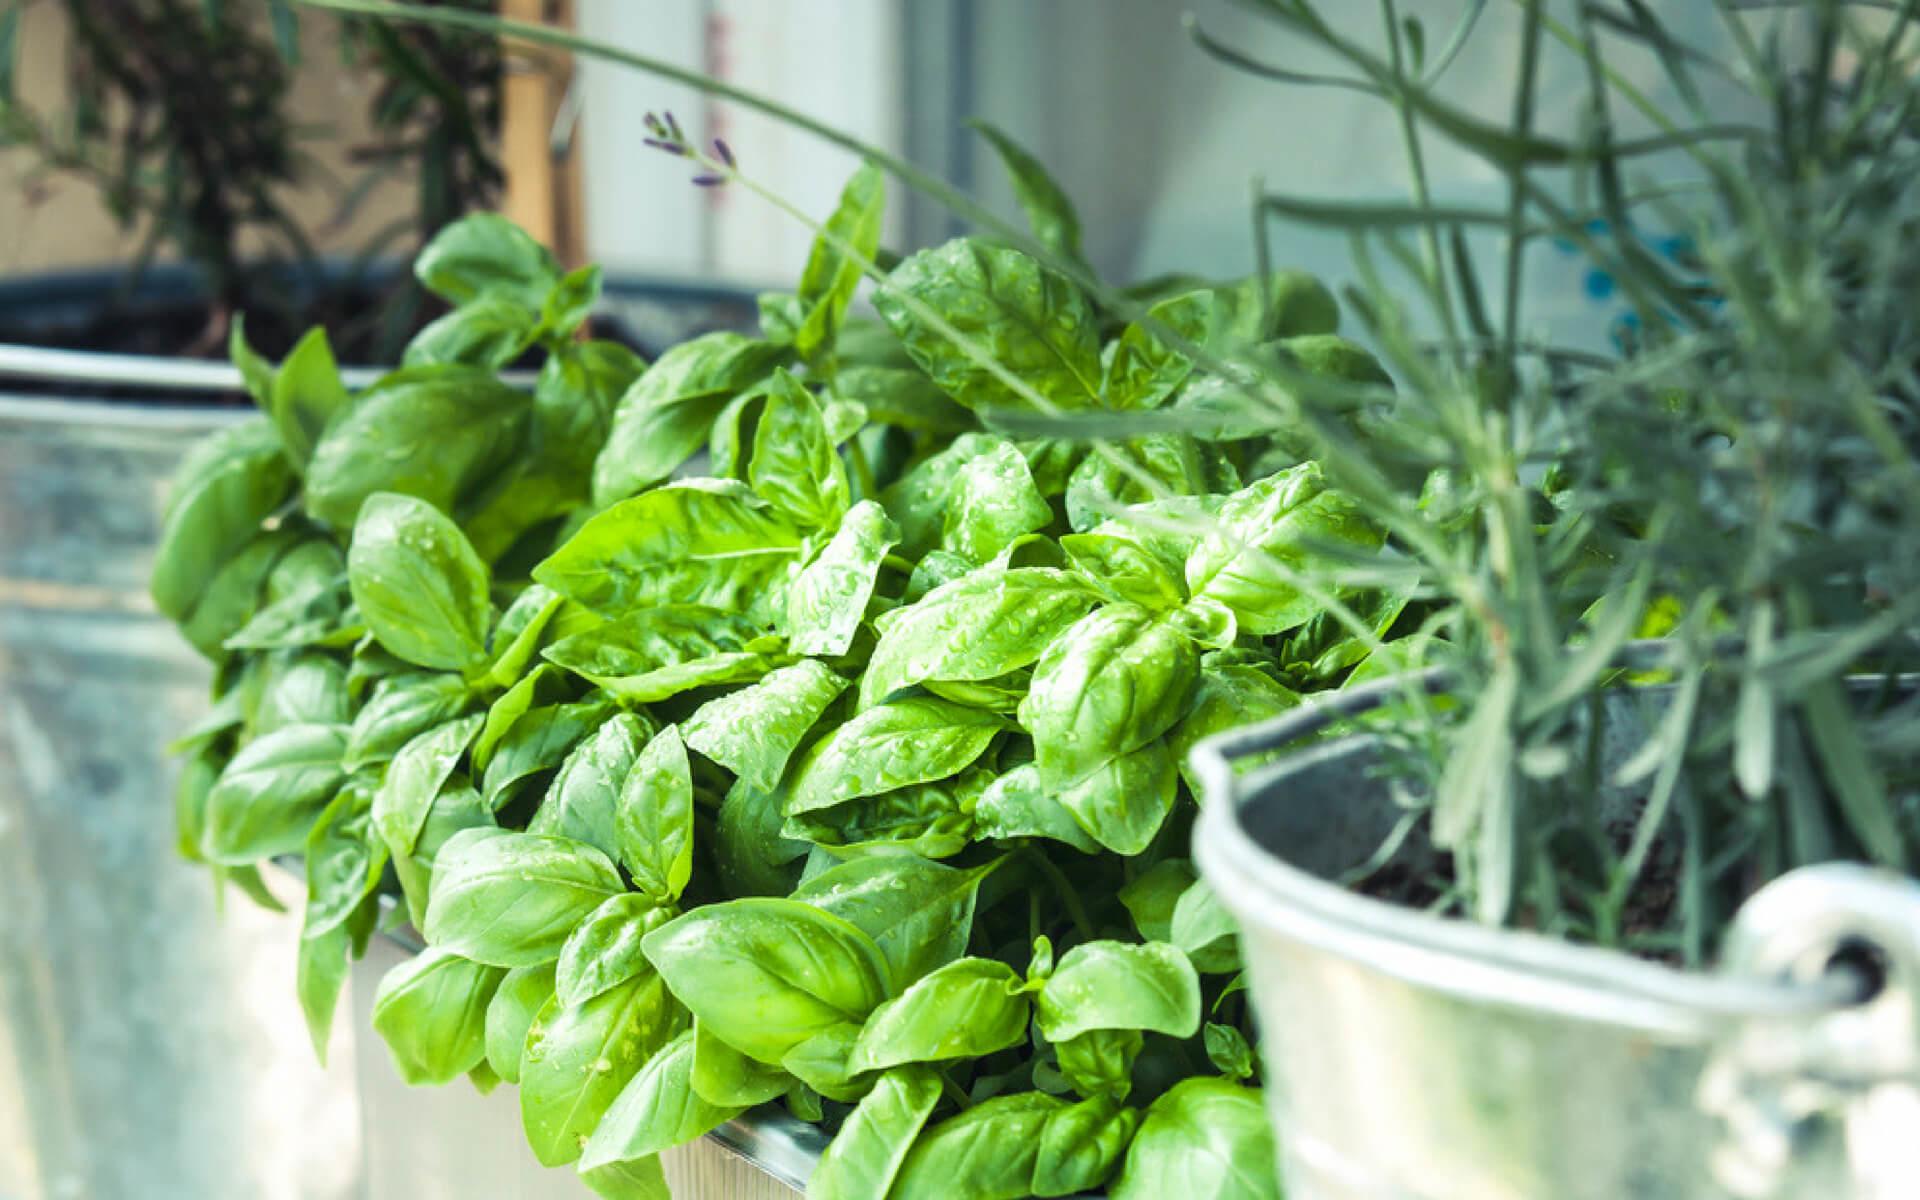 Avversità Delle Piante Coltivate piante aromatiche: il controllo dei parassiti - terra nuova